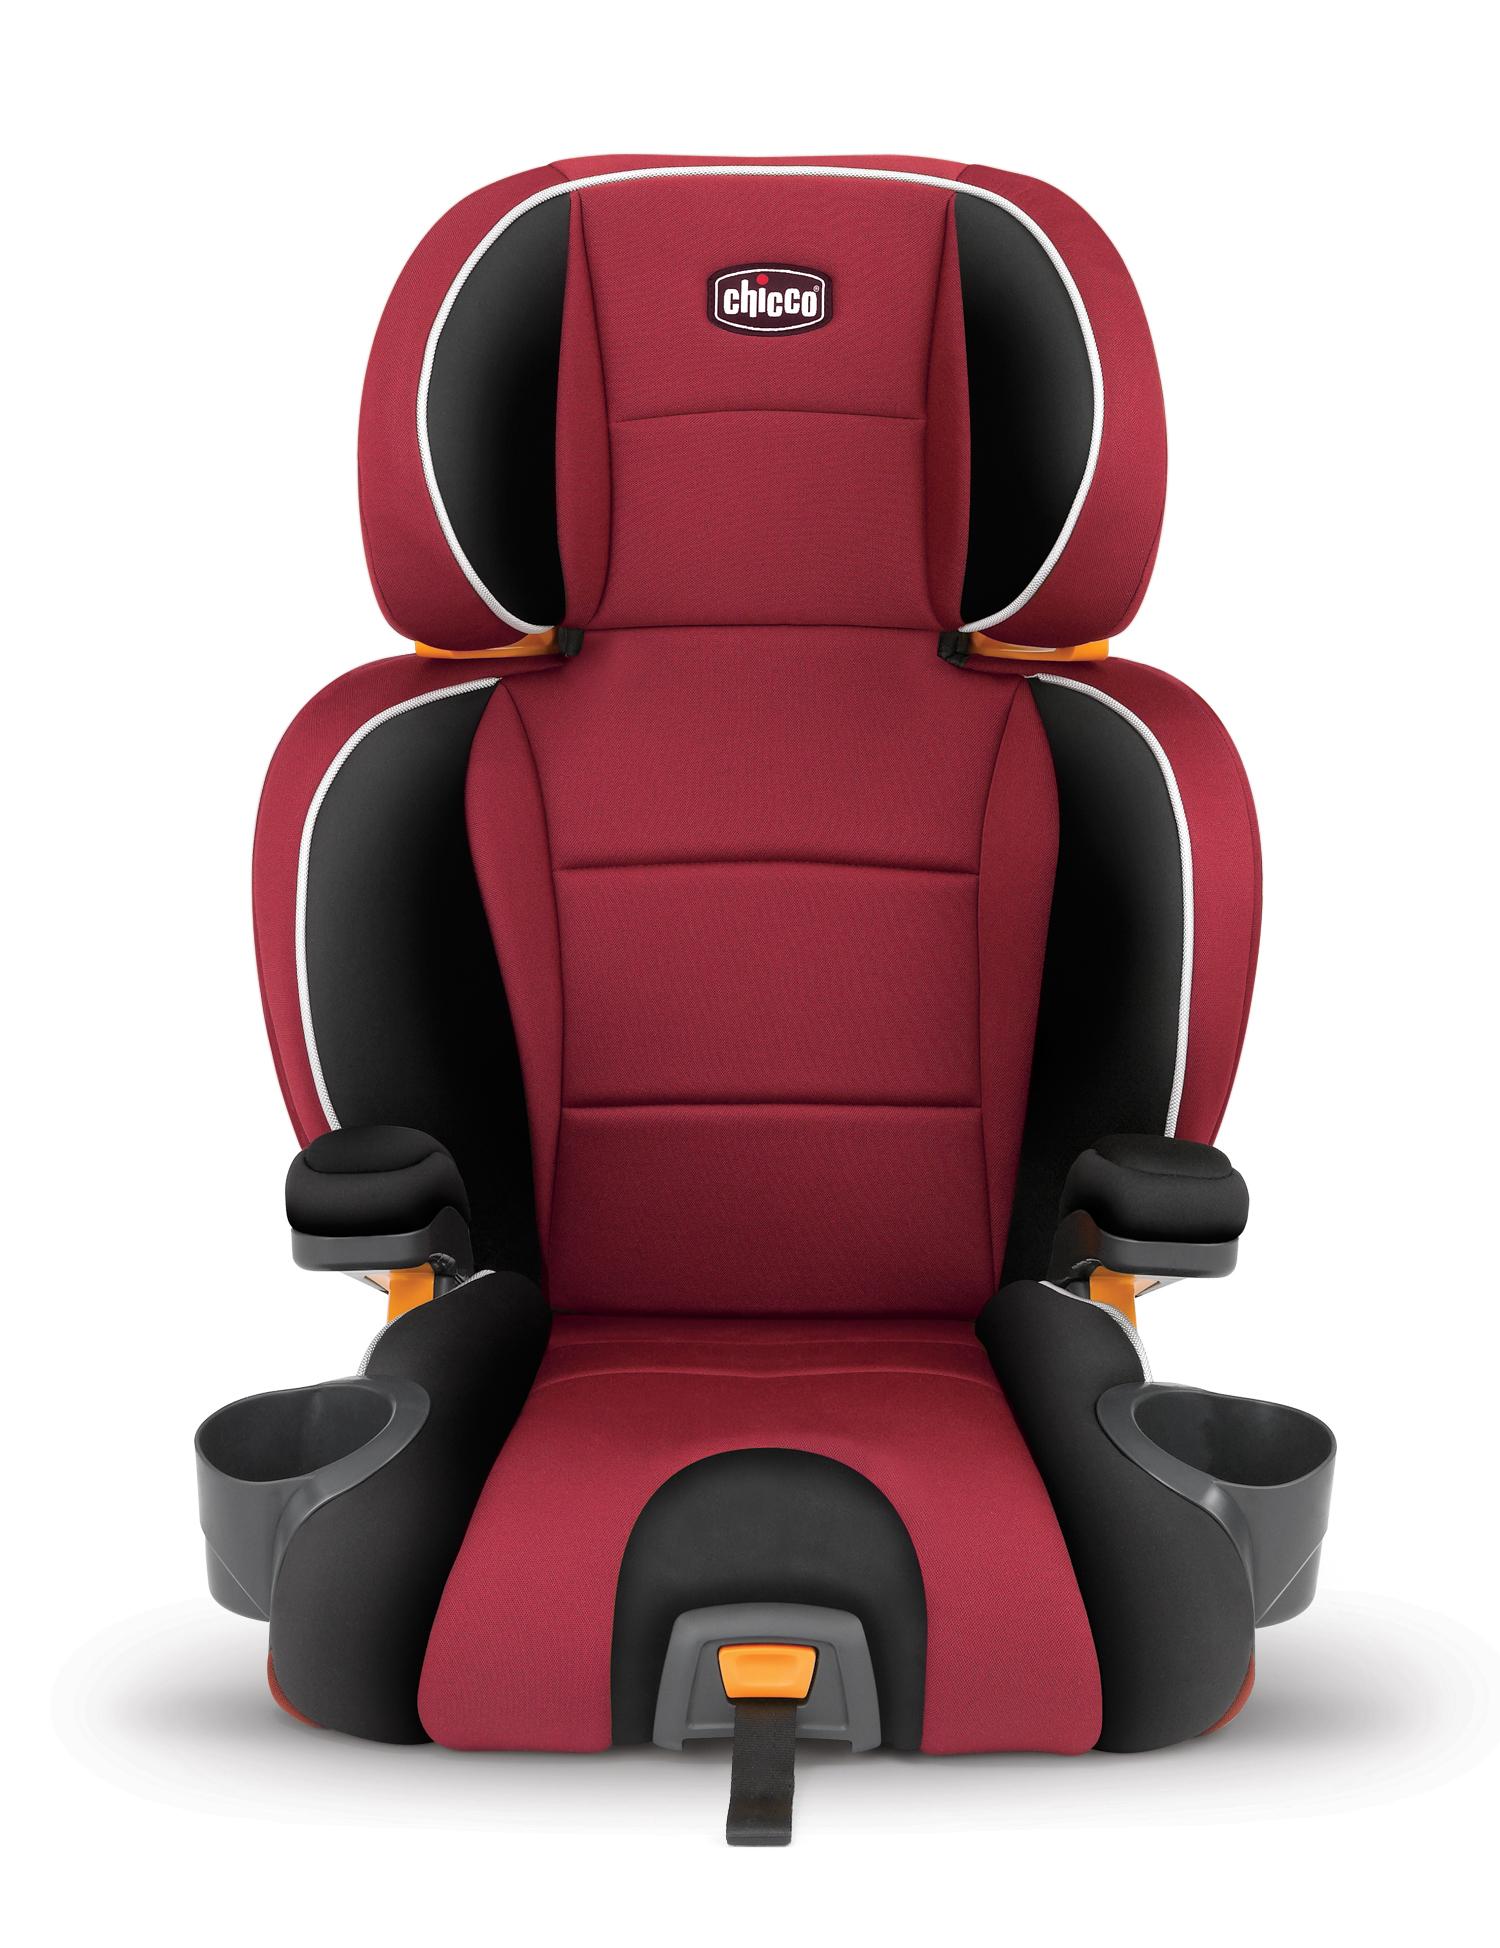 car seat safety tips. Black Bedroom Furniture Sets. Home Design Ideas